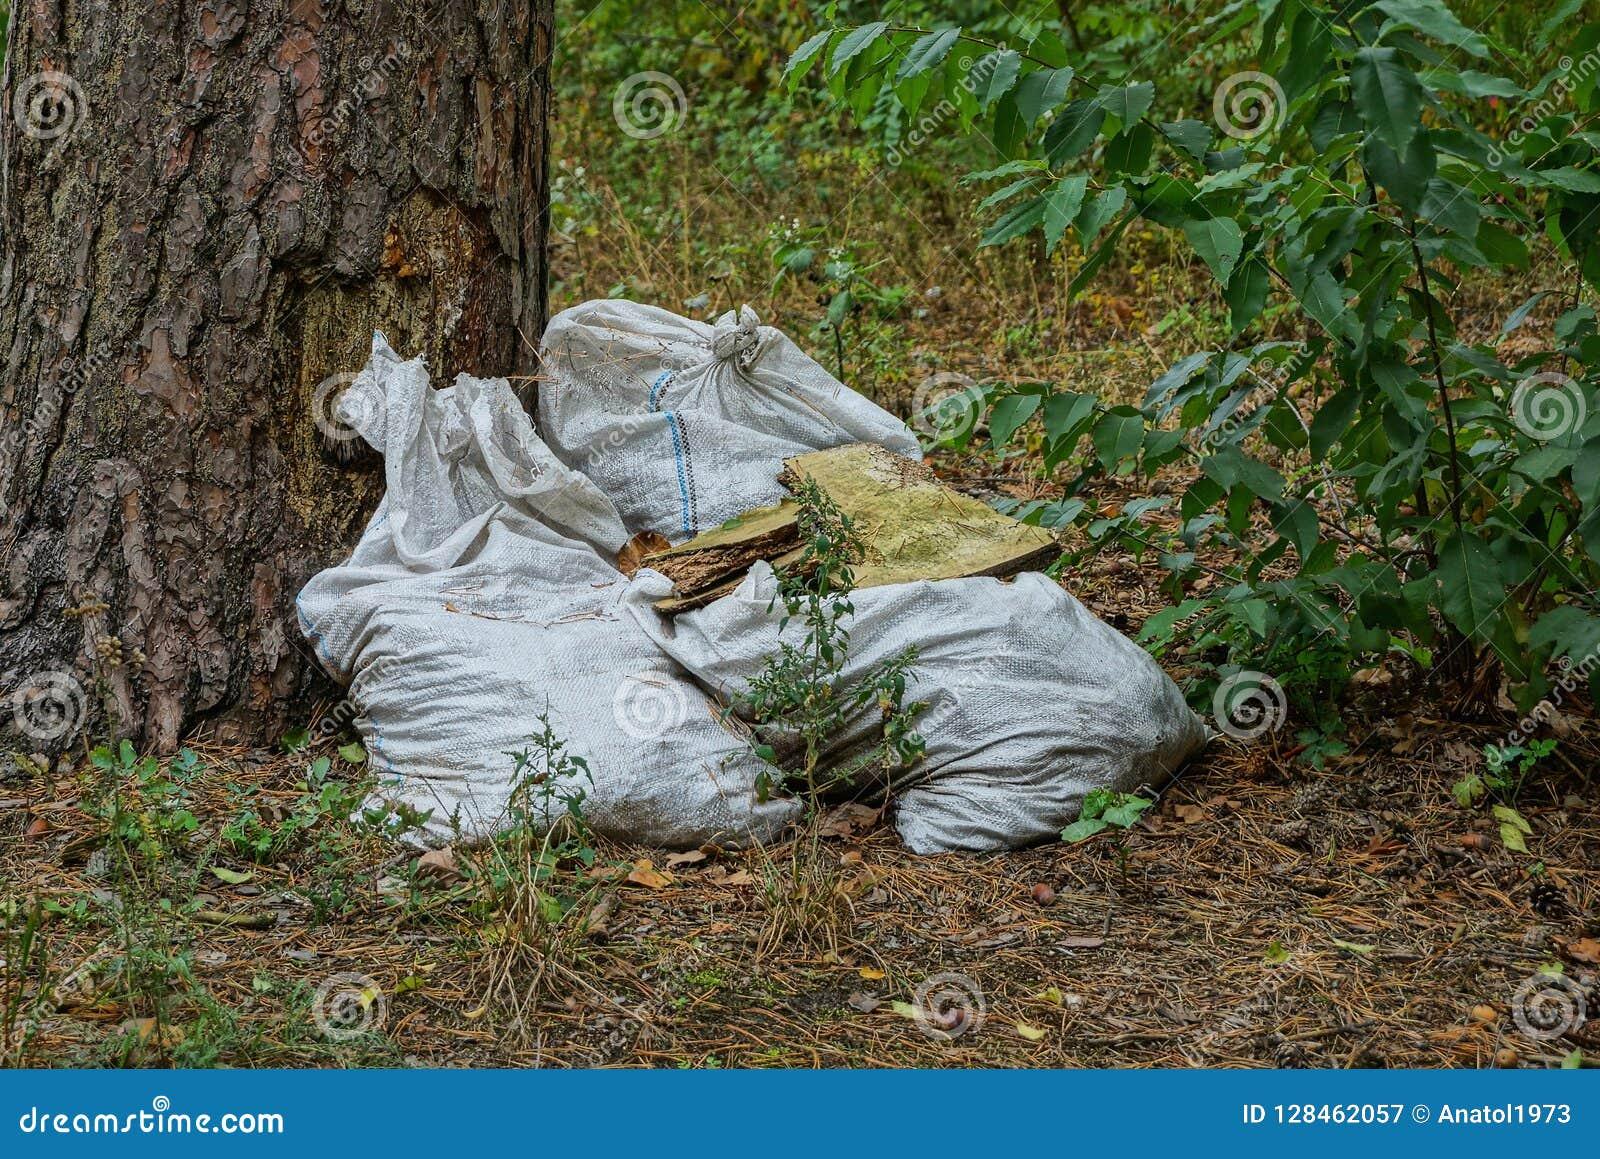 Sacos sujos brancos do lixo perto de uma árvore na grama na floresta